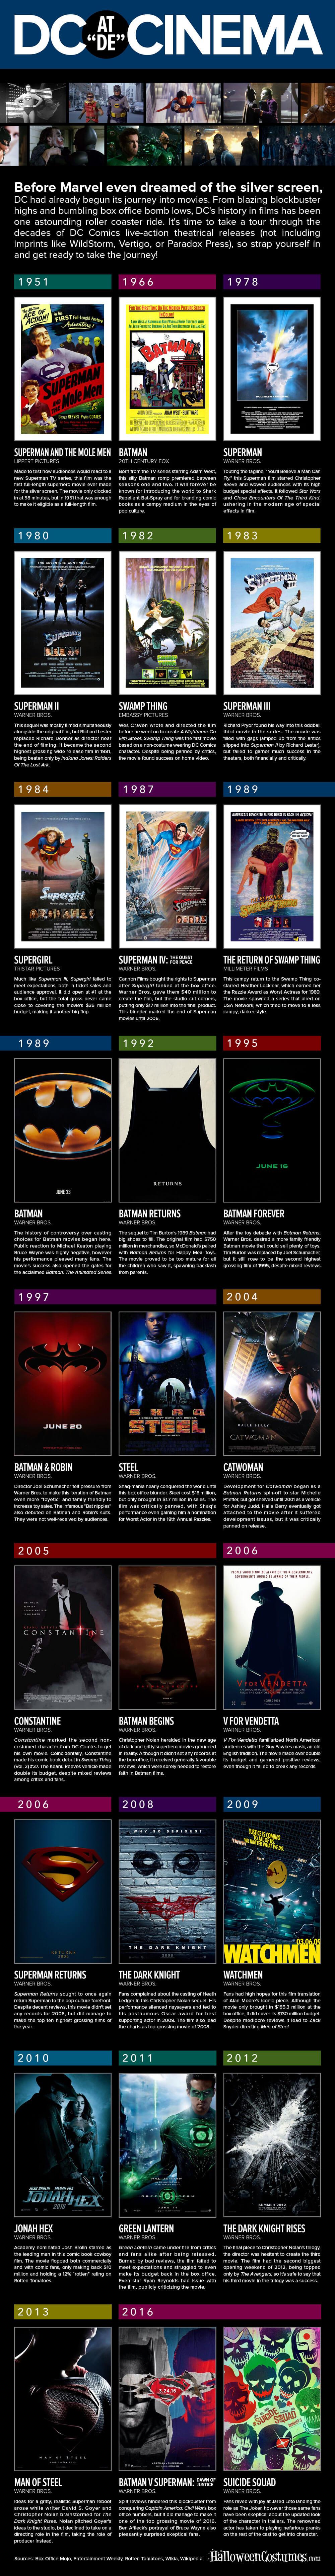 DC Movie Infographic